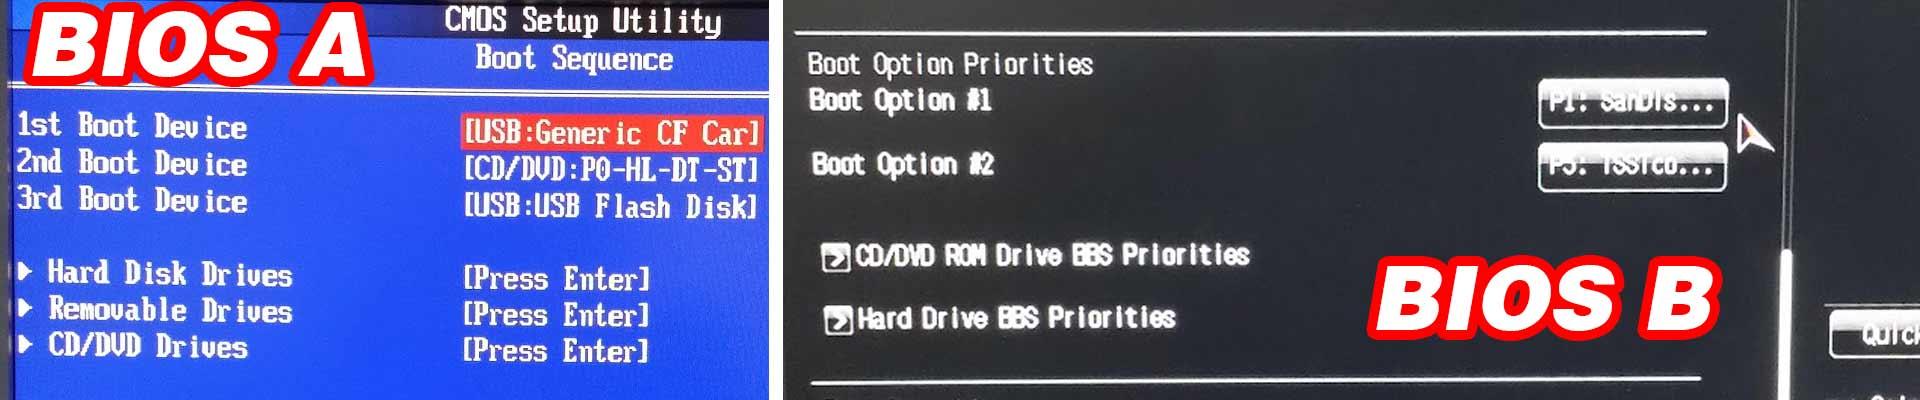 Bios PC. Arranque desde memoria USB. Pendrive de arranque. Configurar Bios